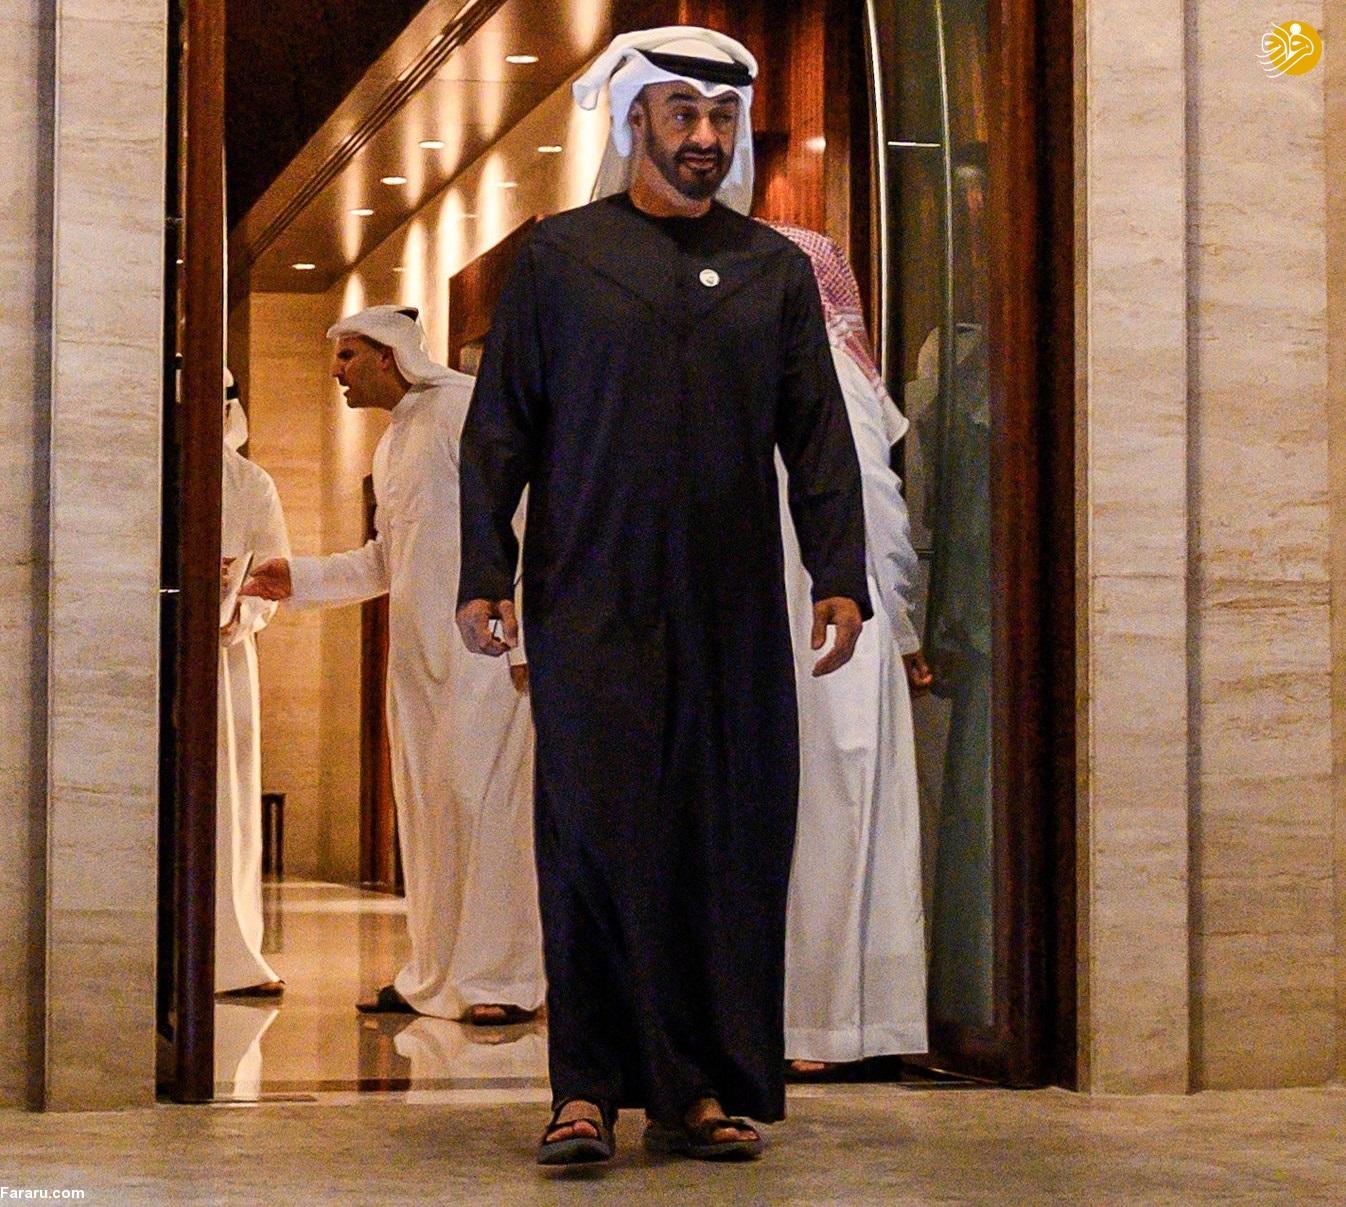 گزارش ویژه و خواندنی از قدرتمندترین رهبر عرب که چاق نیست